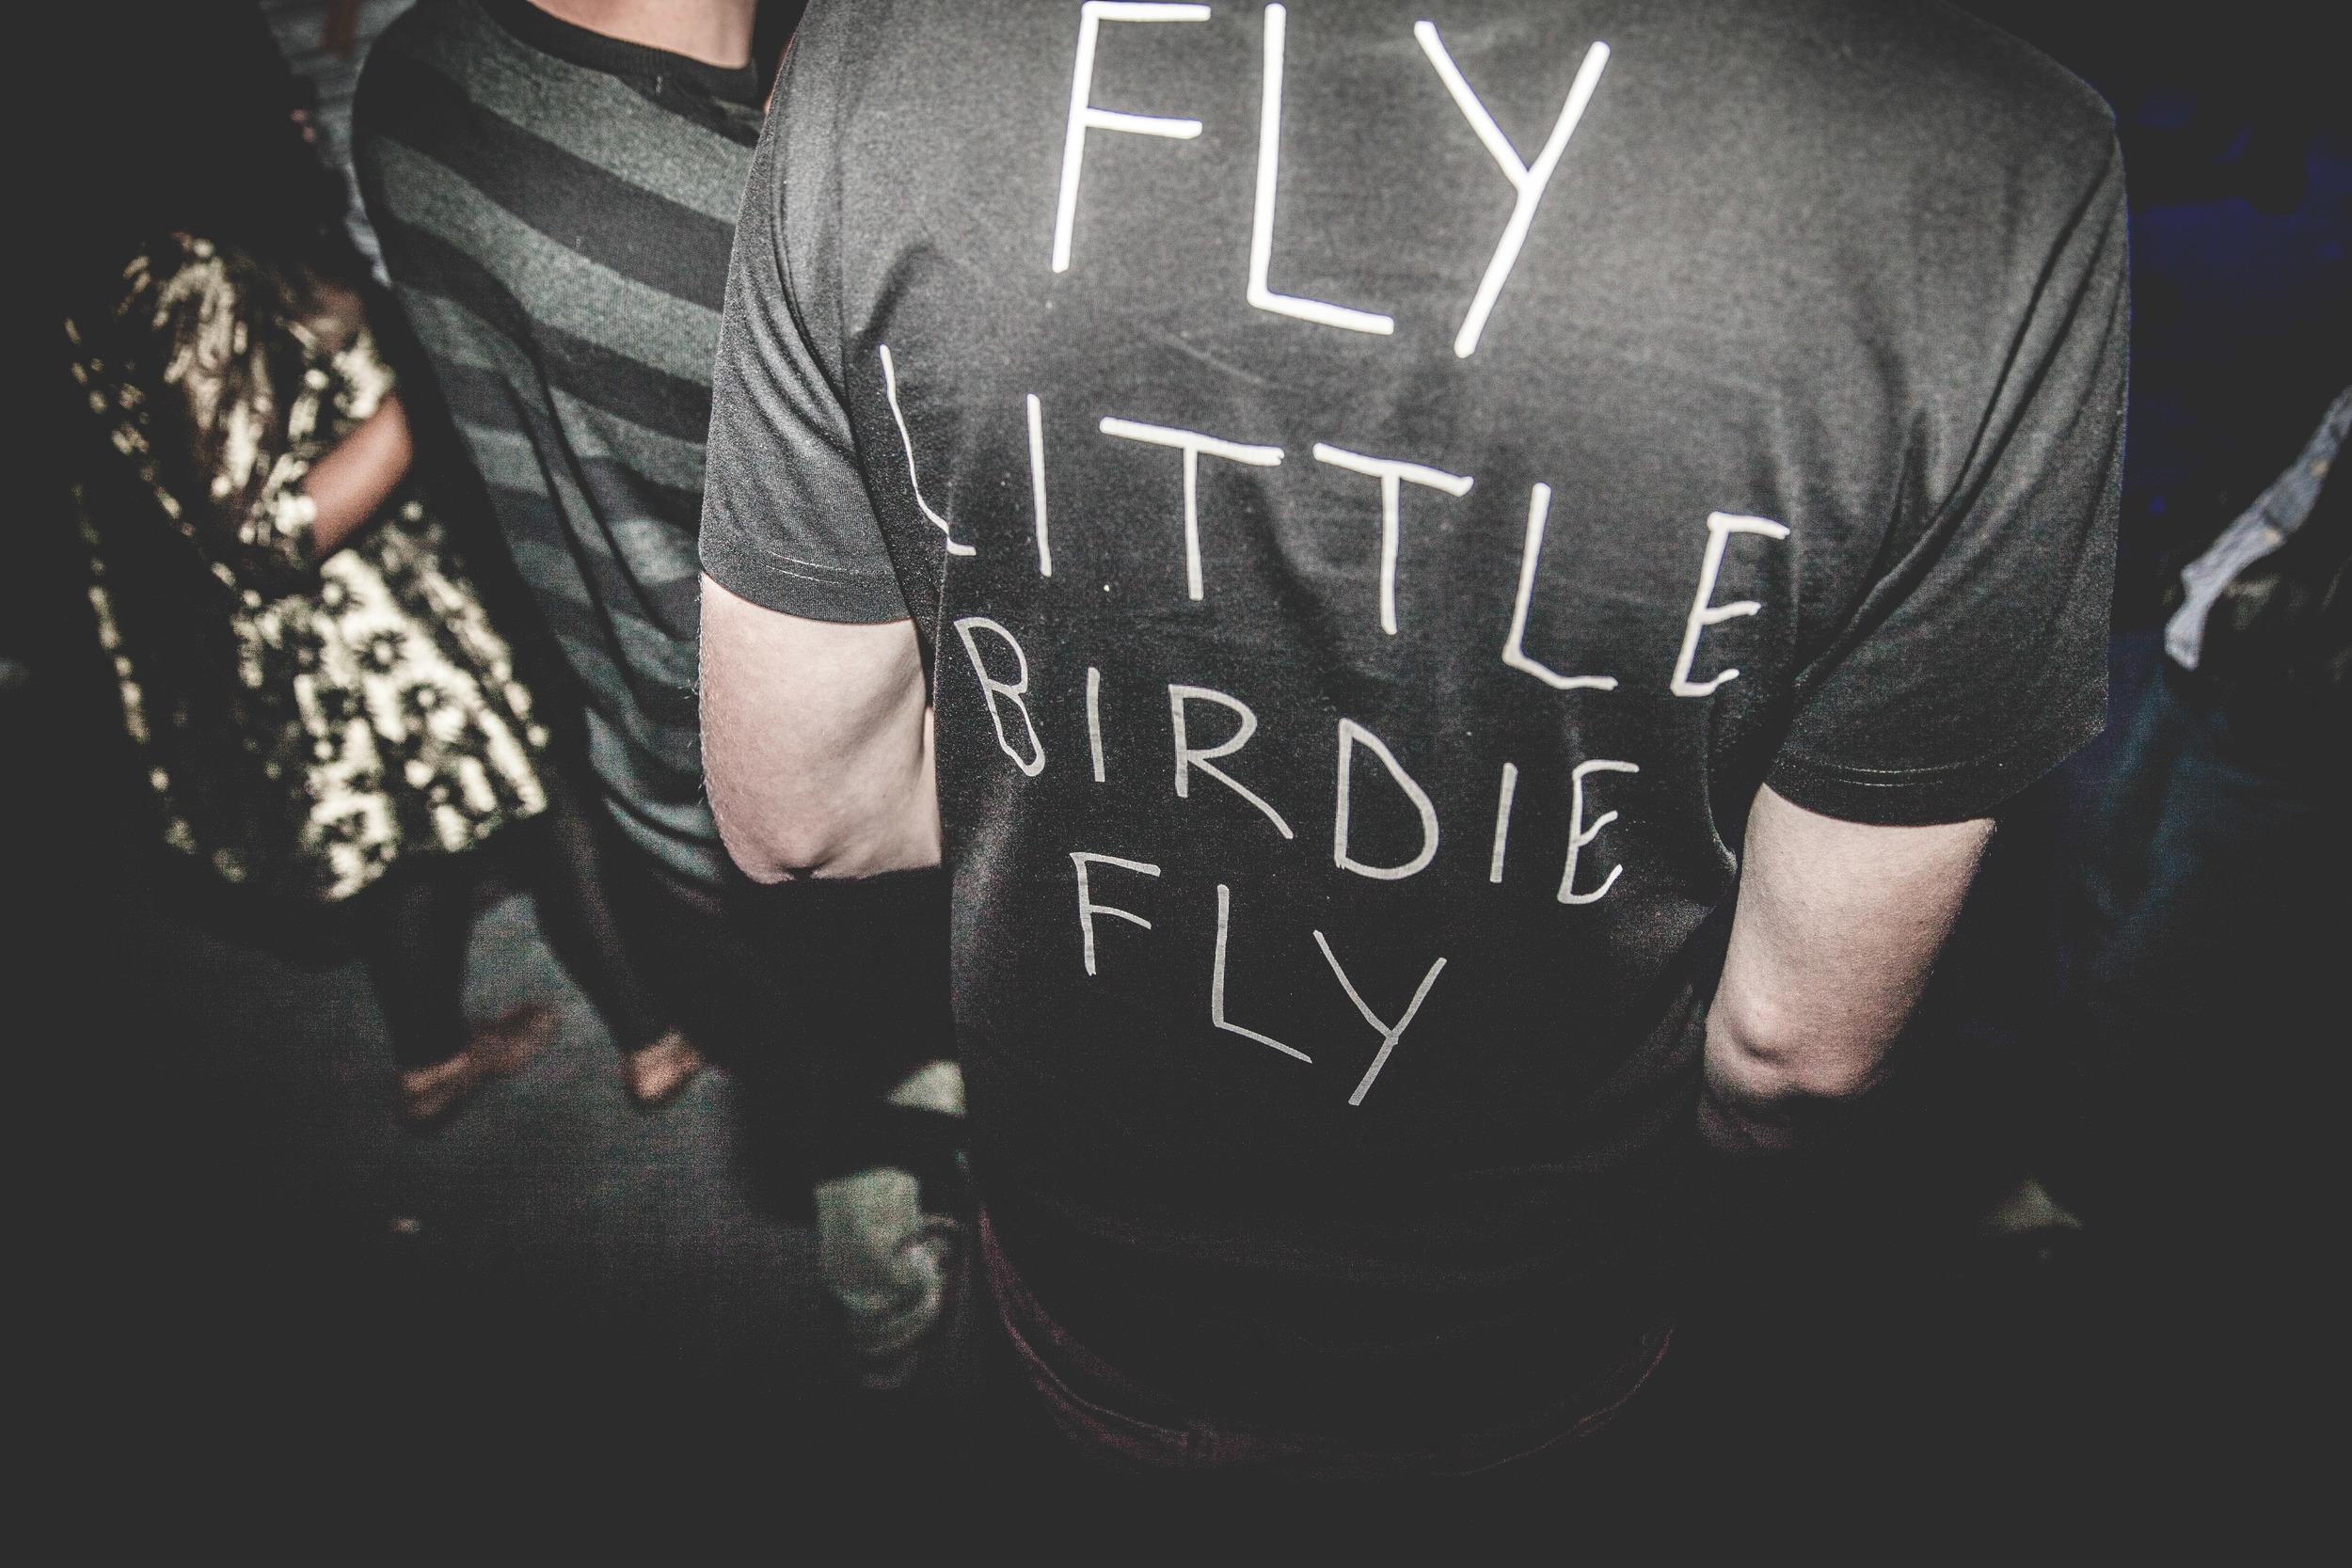 Fly little birdie FLY